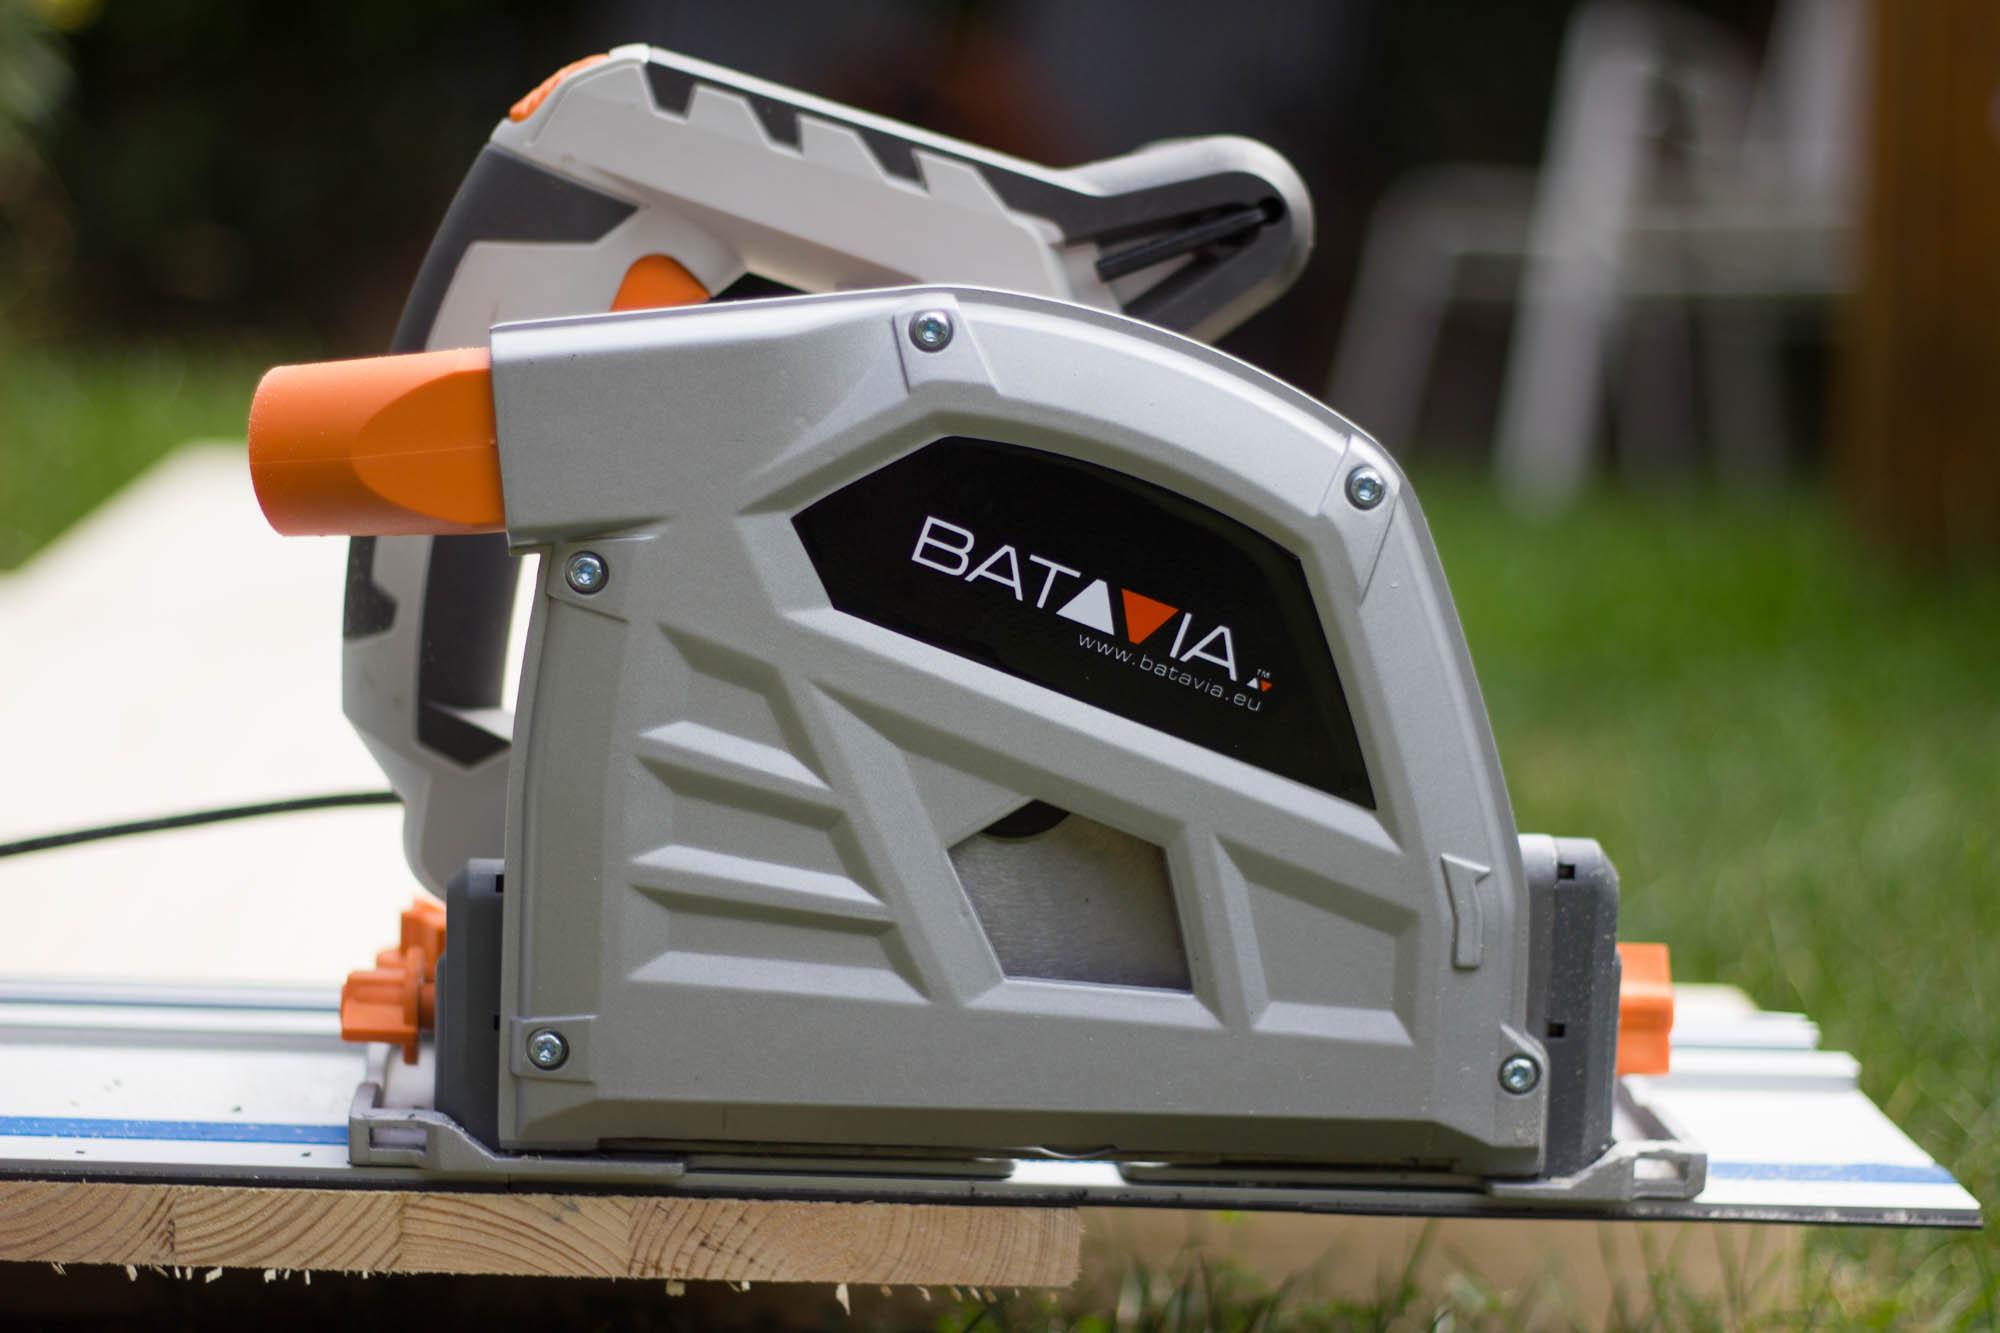 angetestet: preiswerte tauchsäge von batavia (t-raxx 1400w